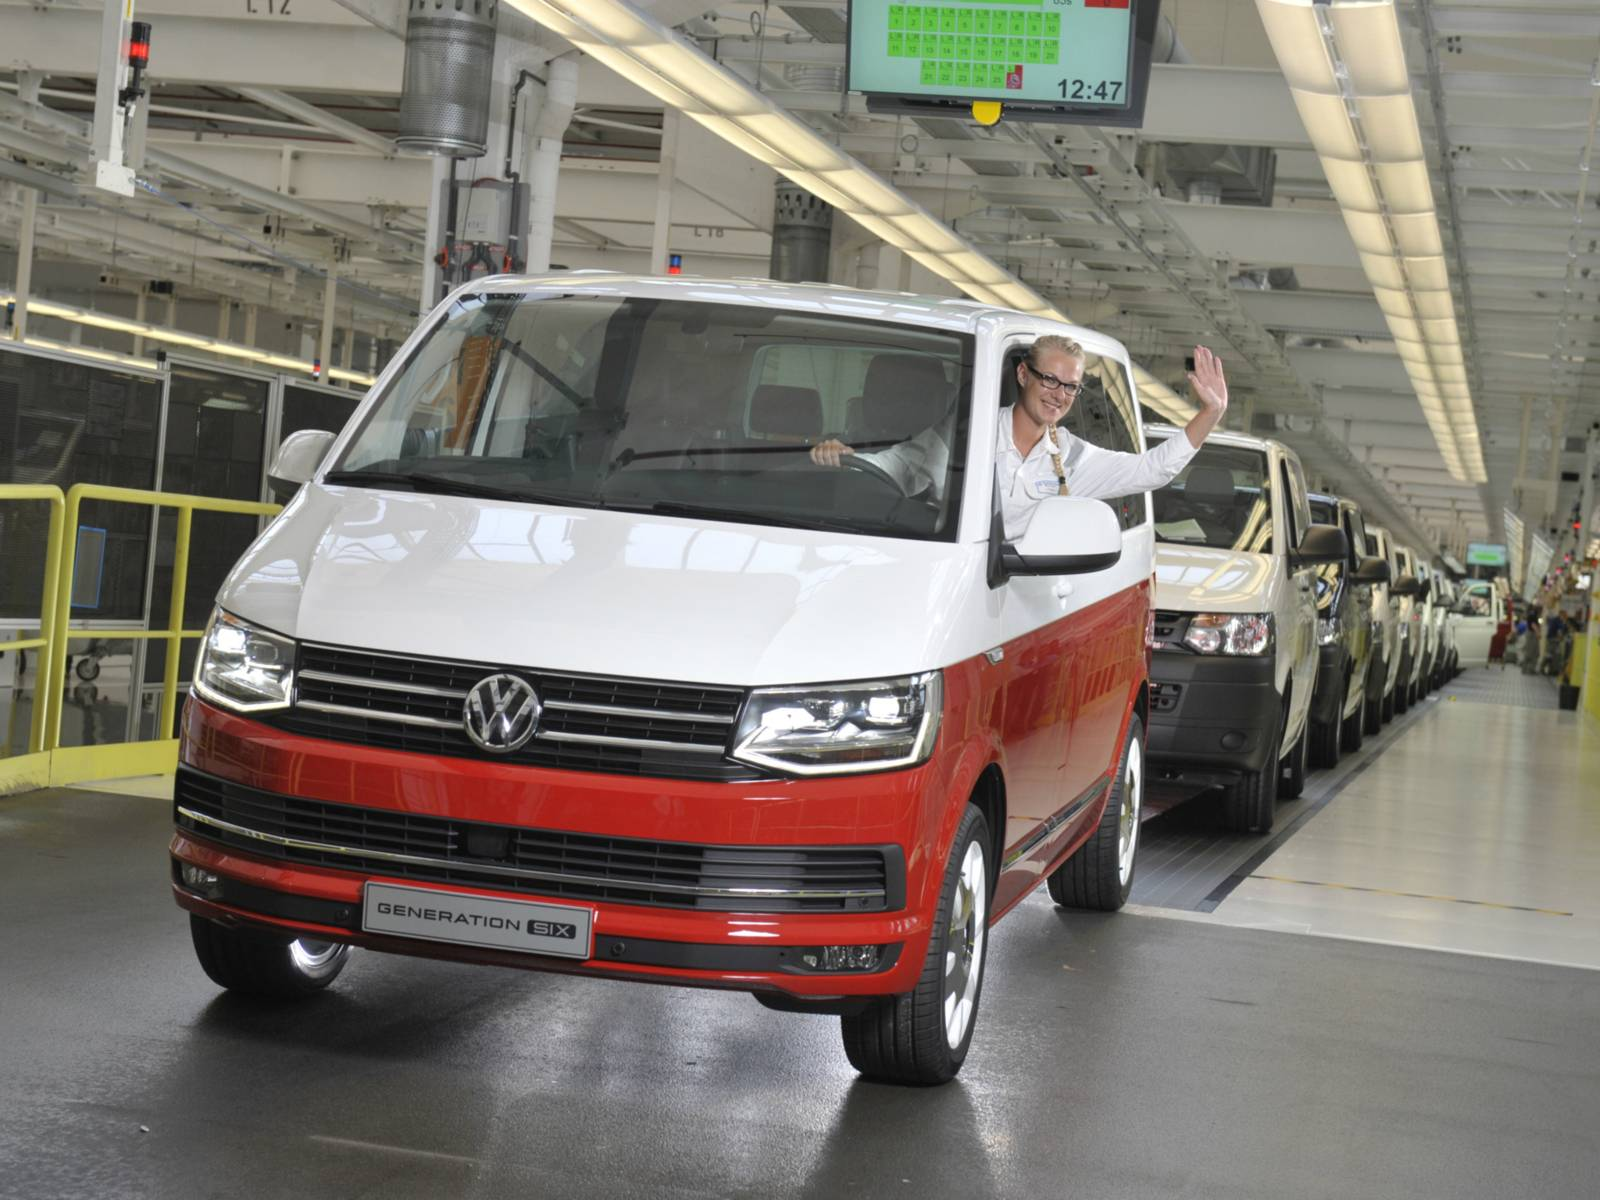 T5 VW Nutzfahrzeuge